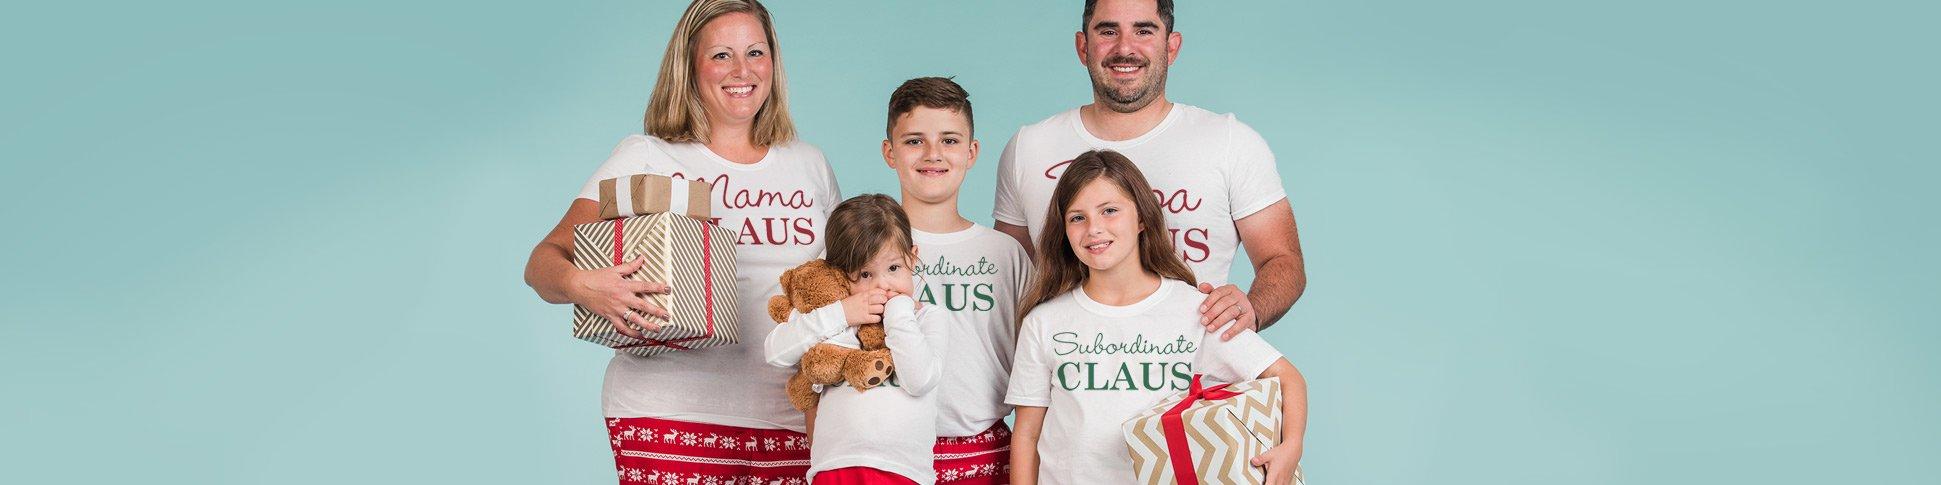 Custom Pajamas Subordinate Claus